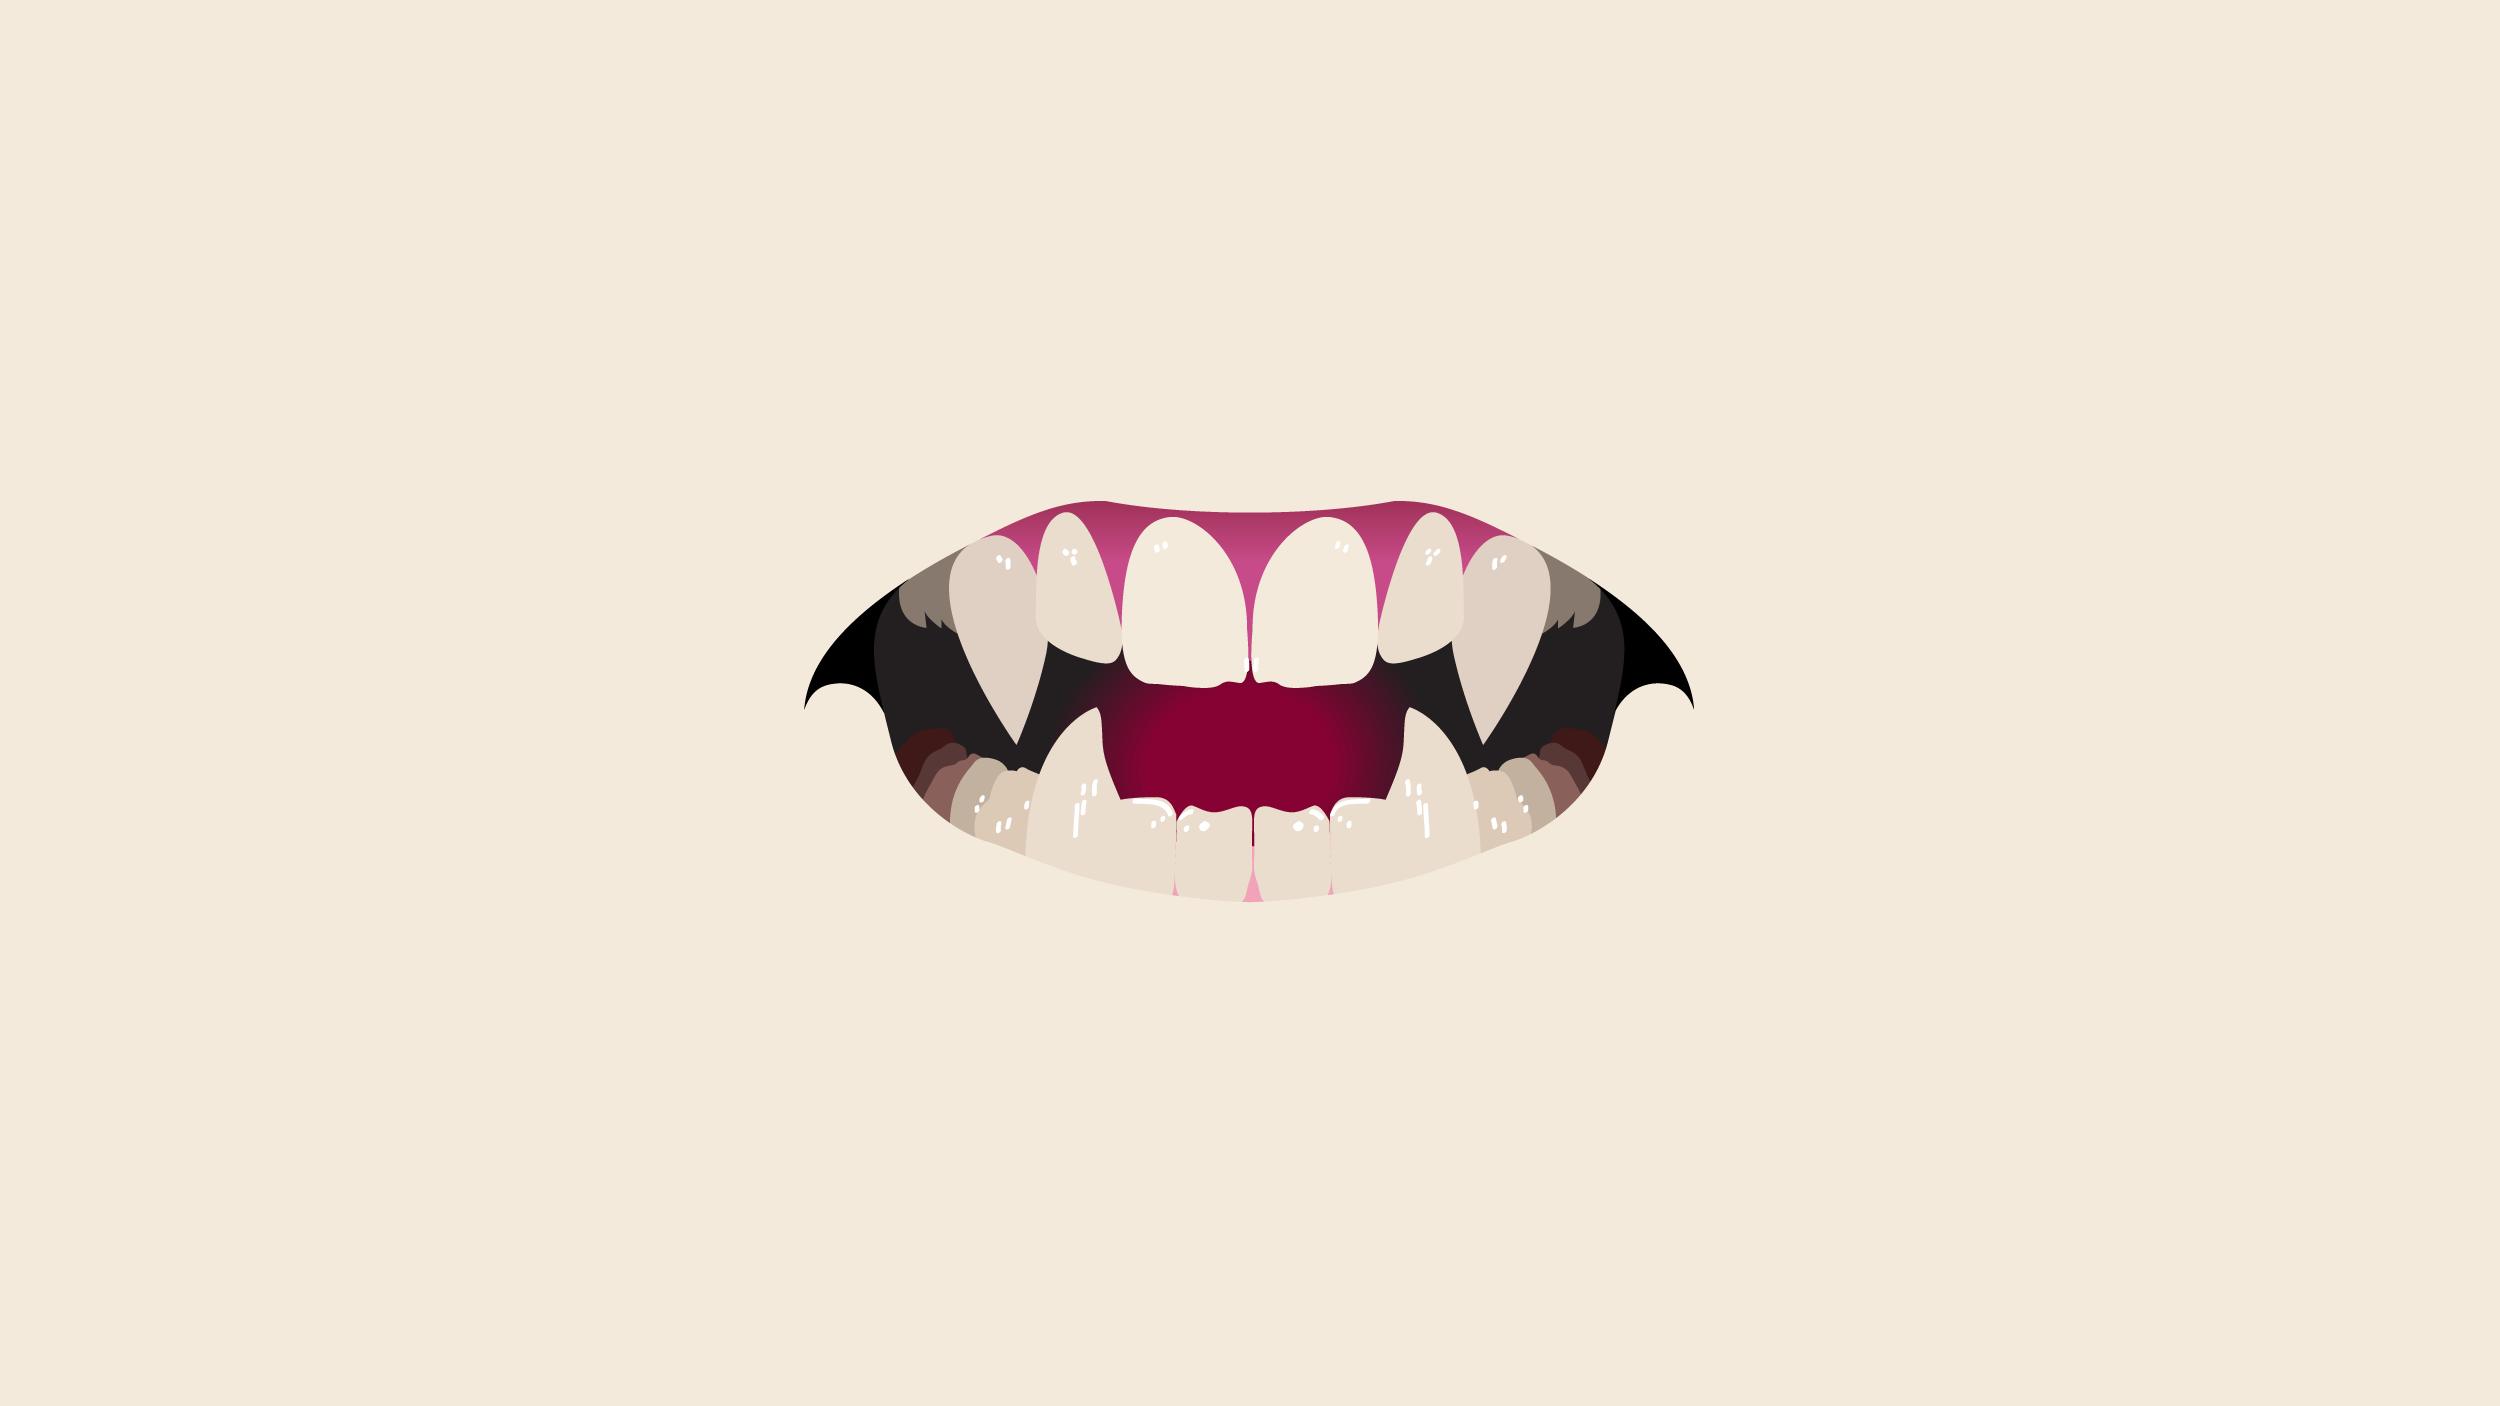 Lips_Fangs_01.png